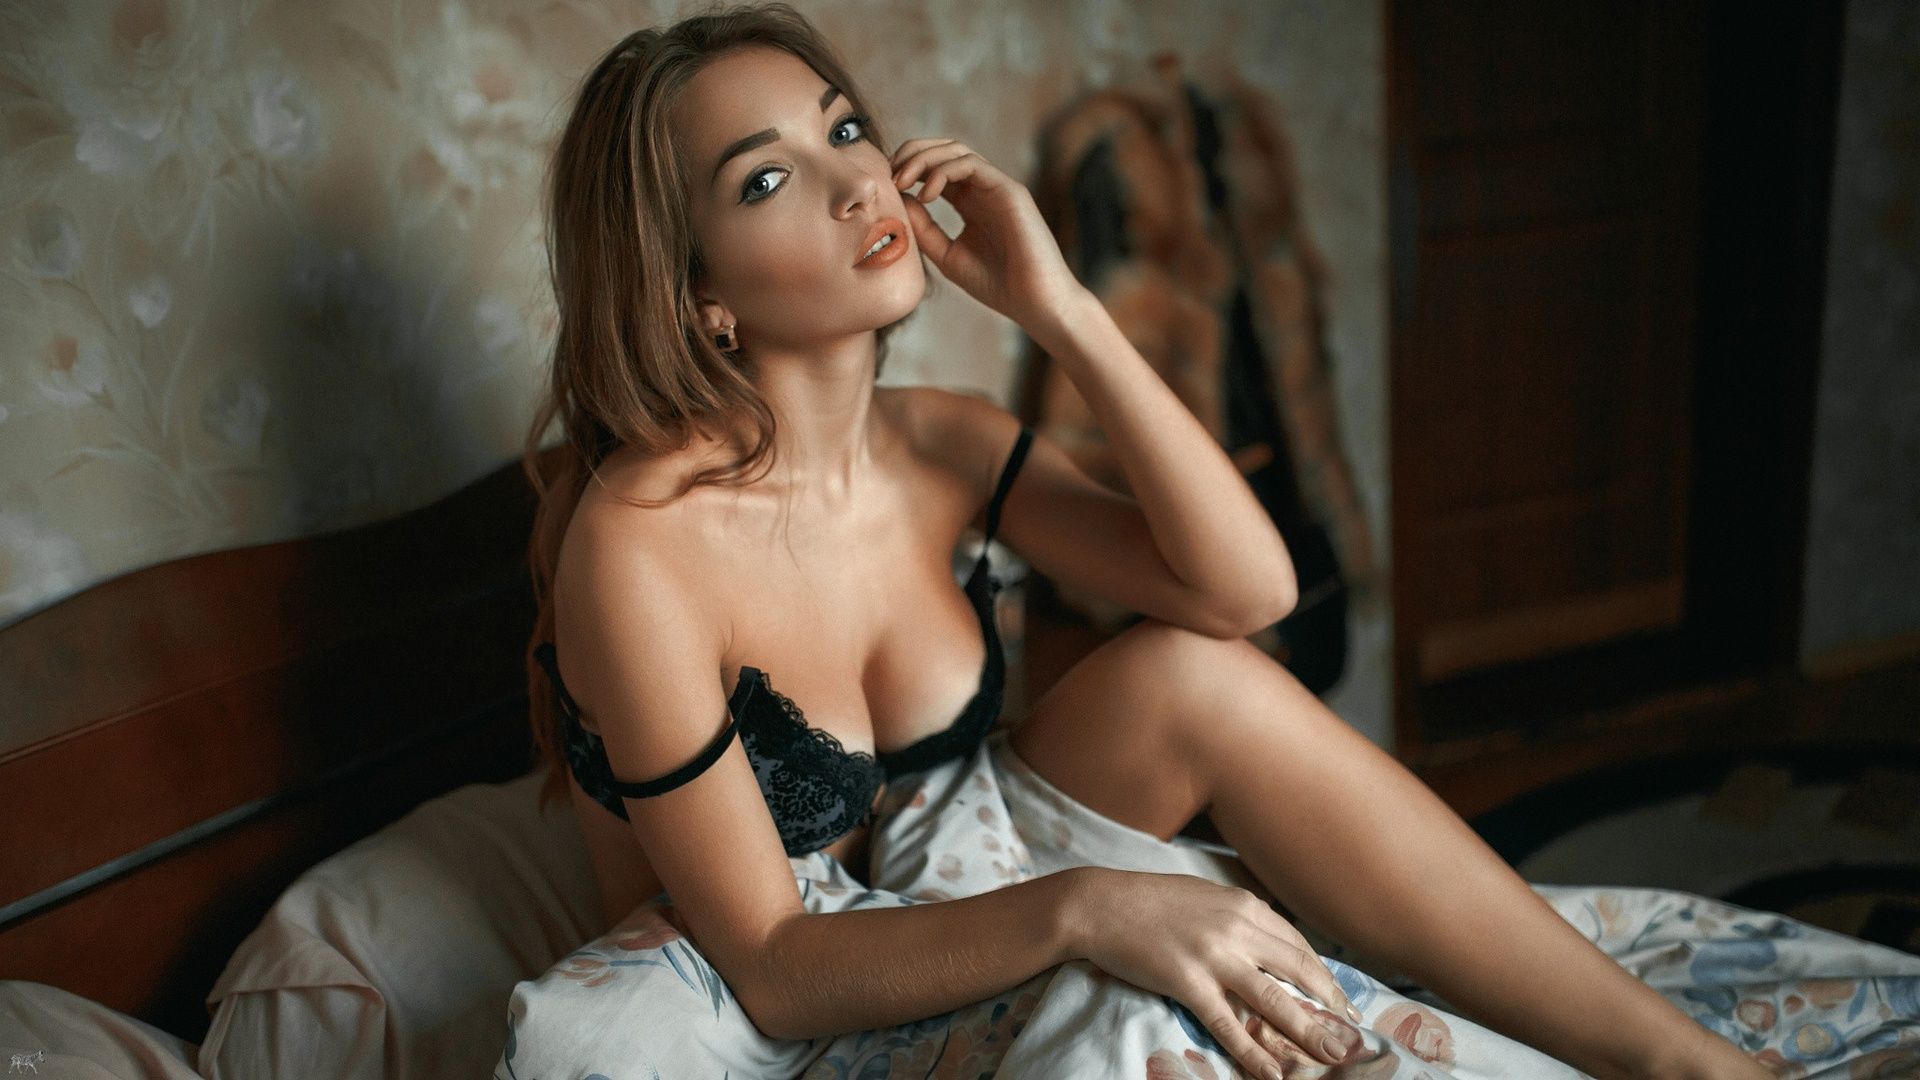 Московские проститутки и индивидуалки ждут твоего звонка.